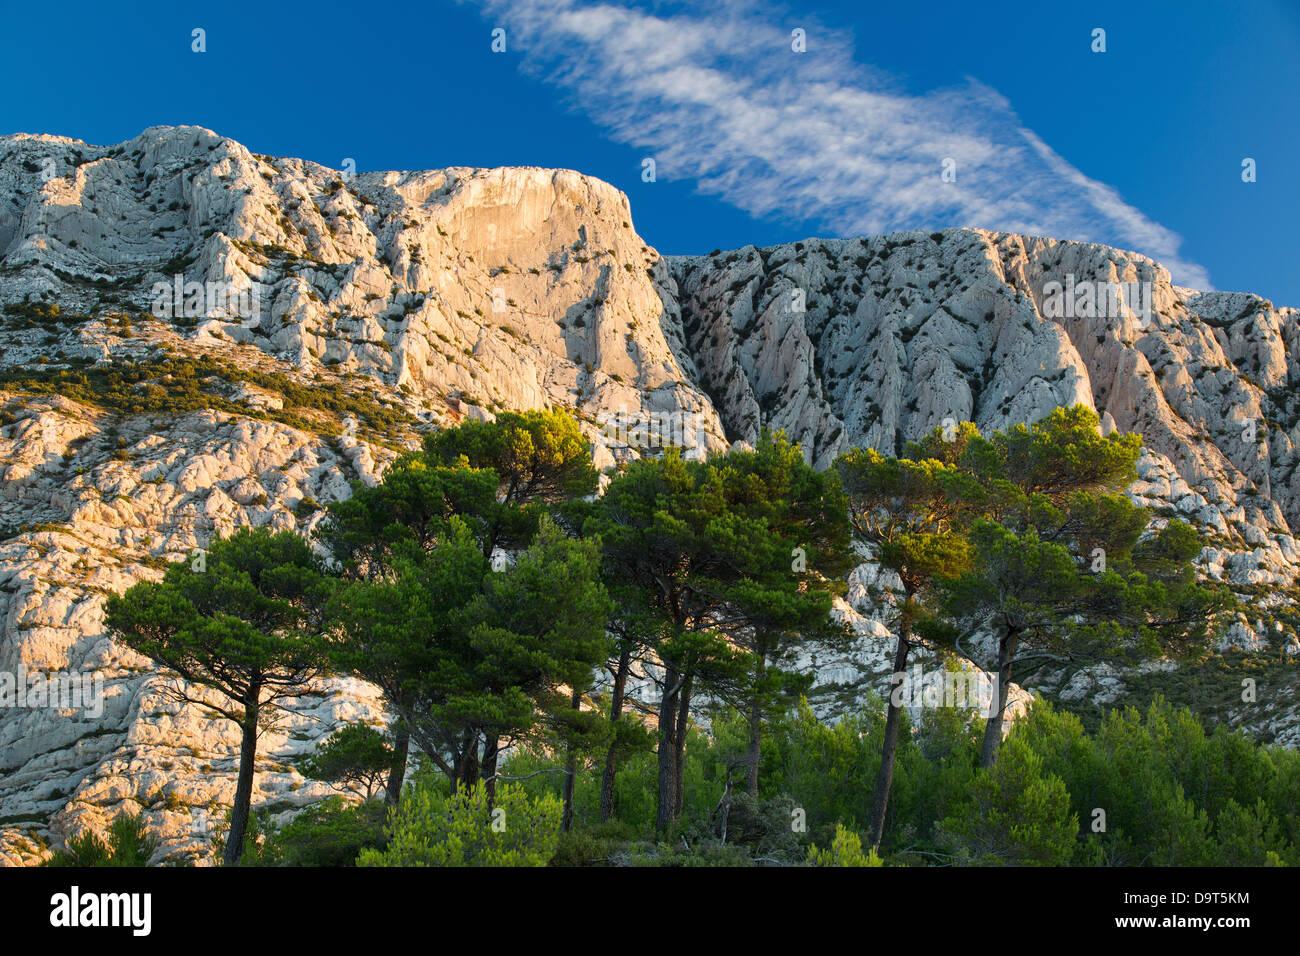 Montagne Ste Victoire all'alba, Var, Provenza, Francia Immagini Stock